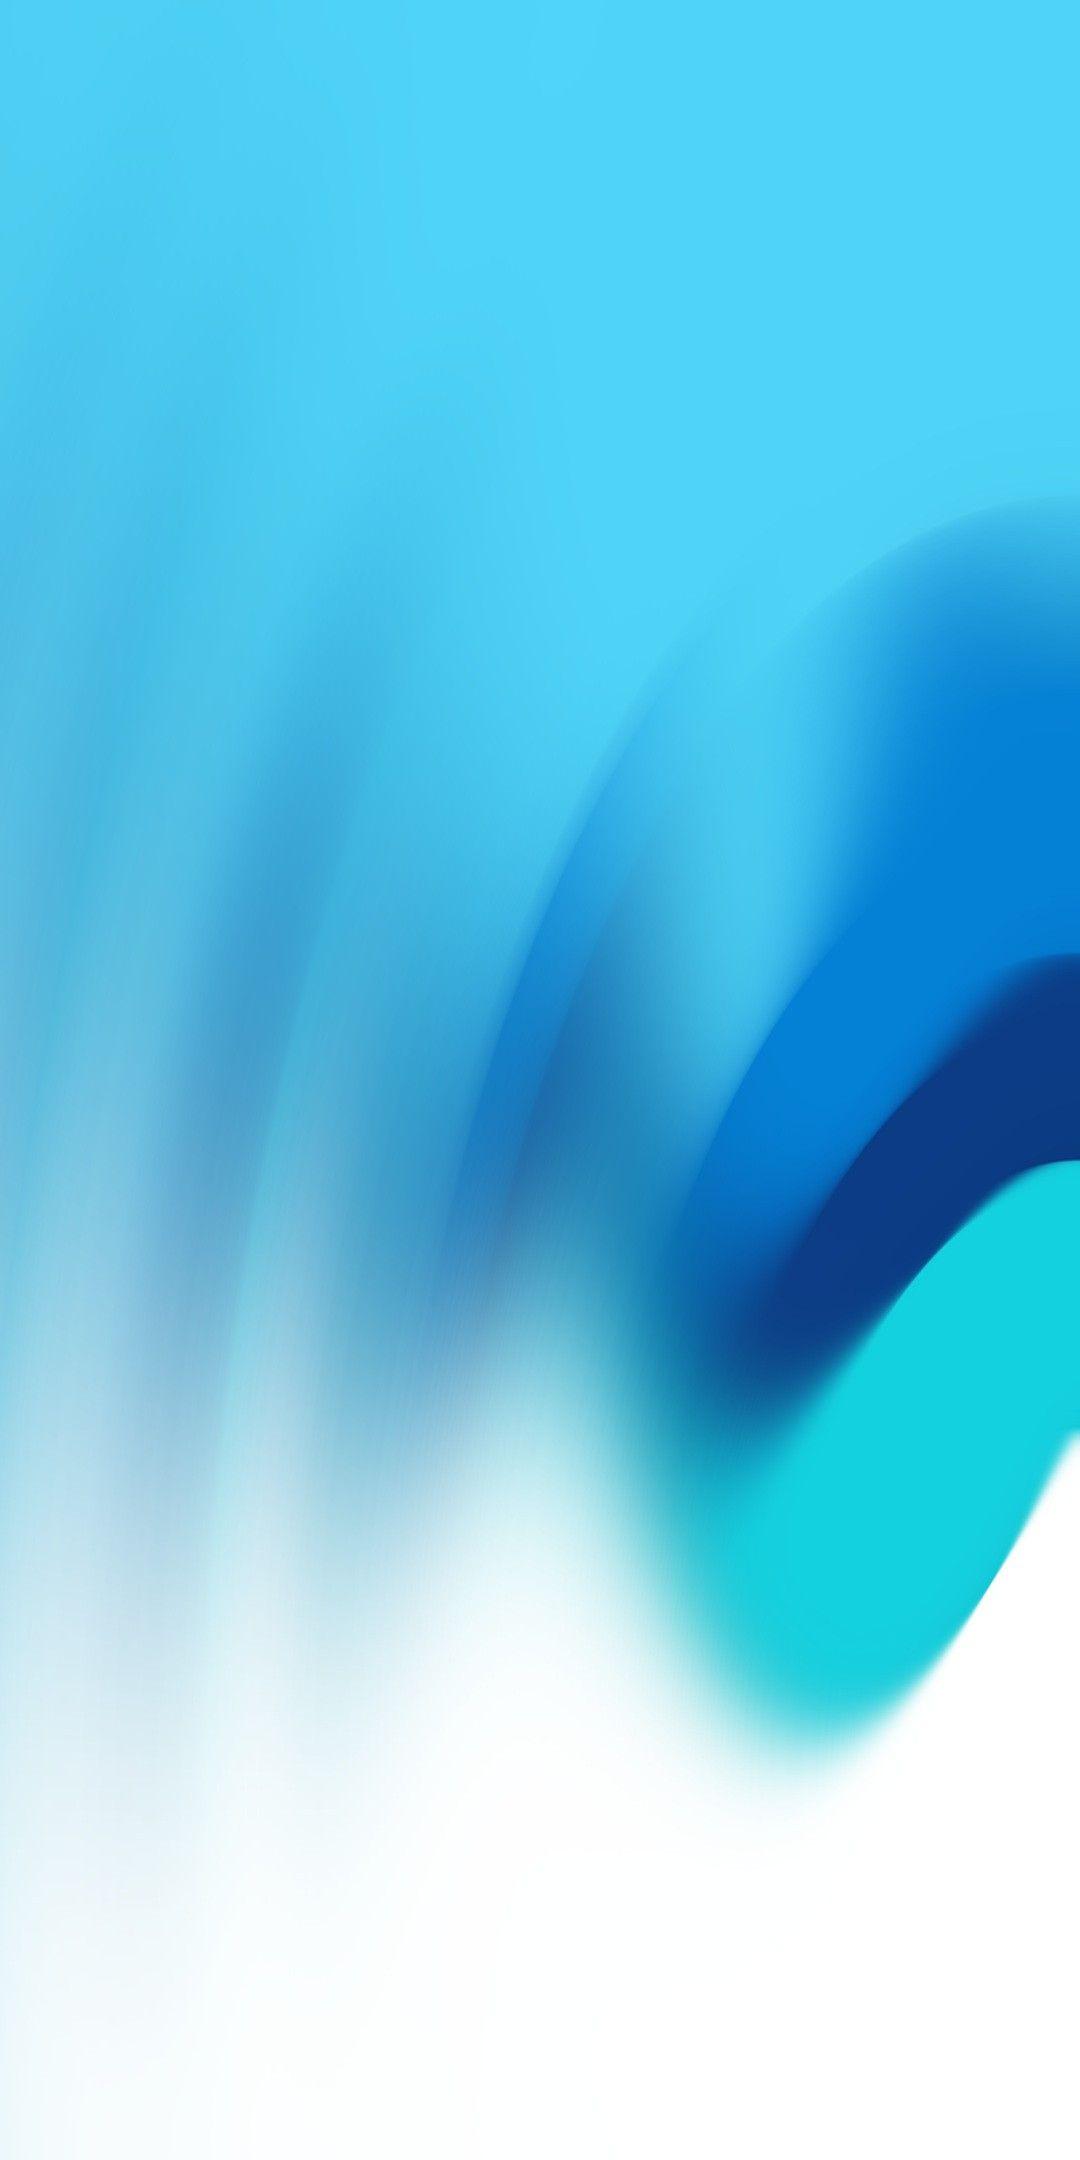 Nuances Et Gradation De Couleurs Fond D Ecran Cellulaire 109 Clubboxingday Box Blue Wallpaper Iphone Colourful Wallpaper Iphone Samsung Galaxy Wallpaper